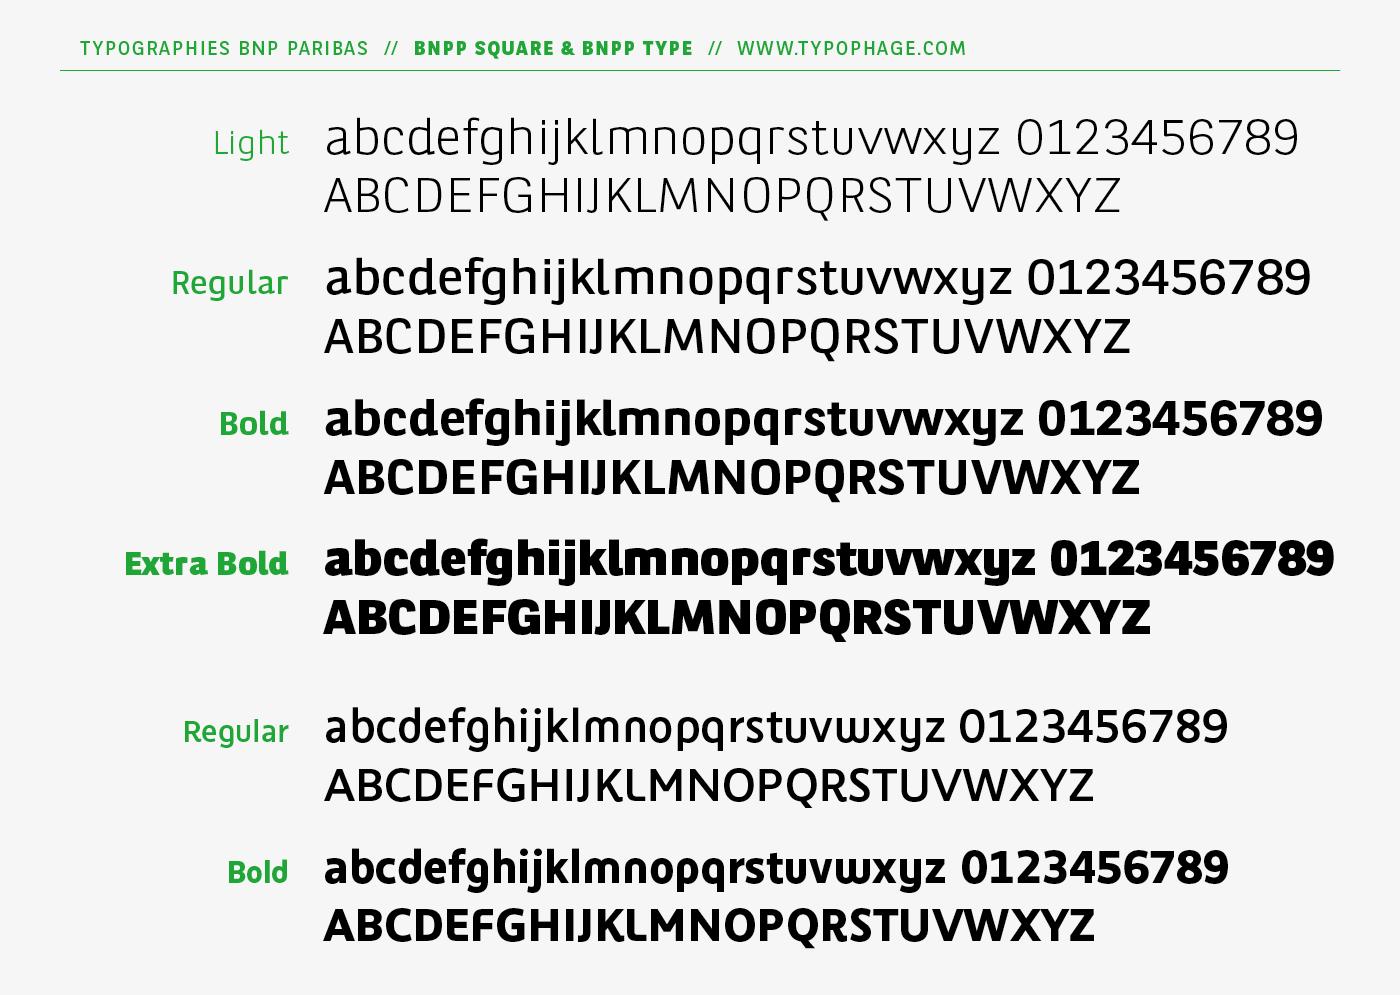 Typographies d'identité BNP Paribas. Alphabets exclusifs par Christophe Badani, www.typophage.com.